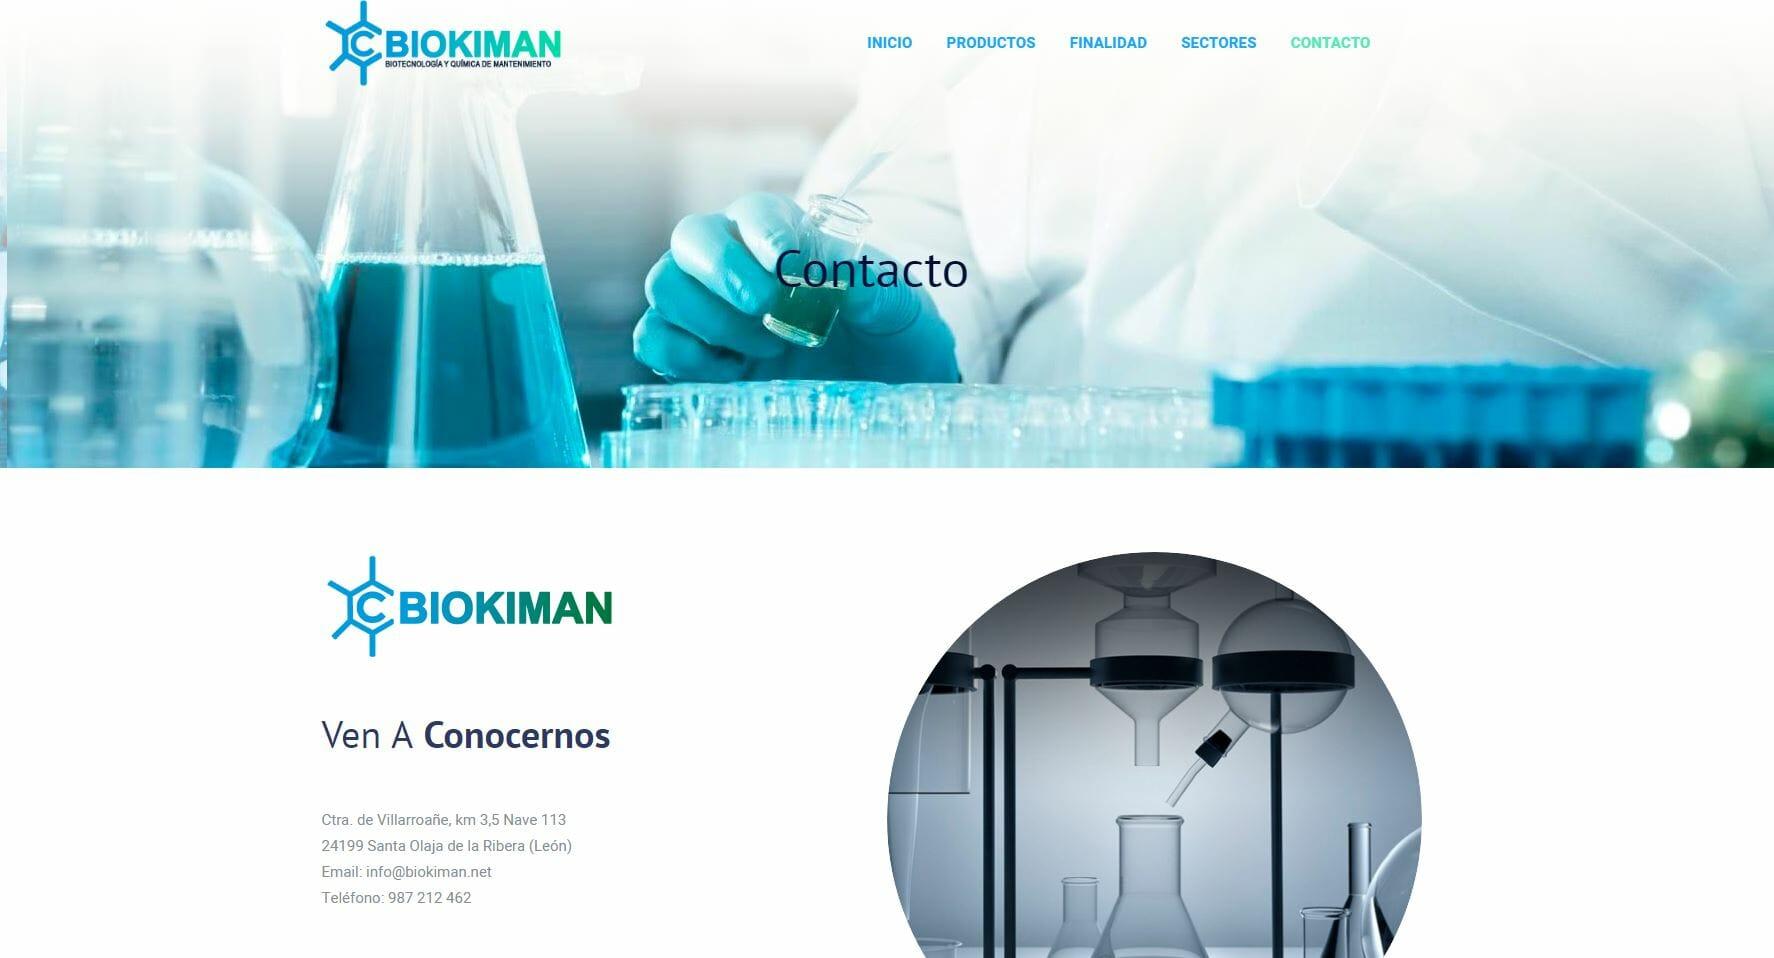 biokiman